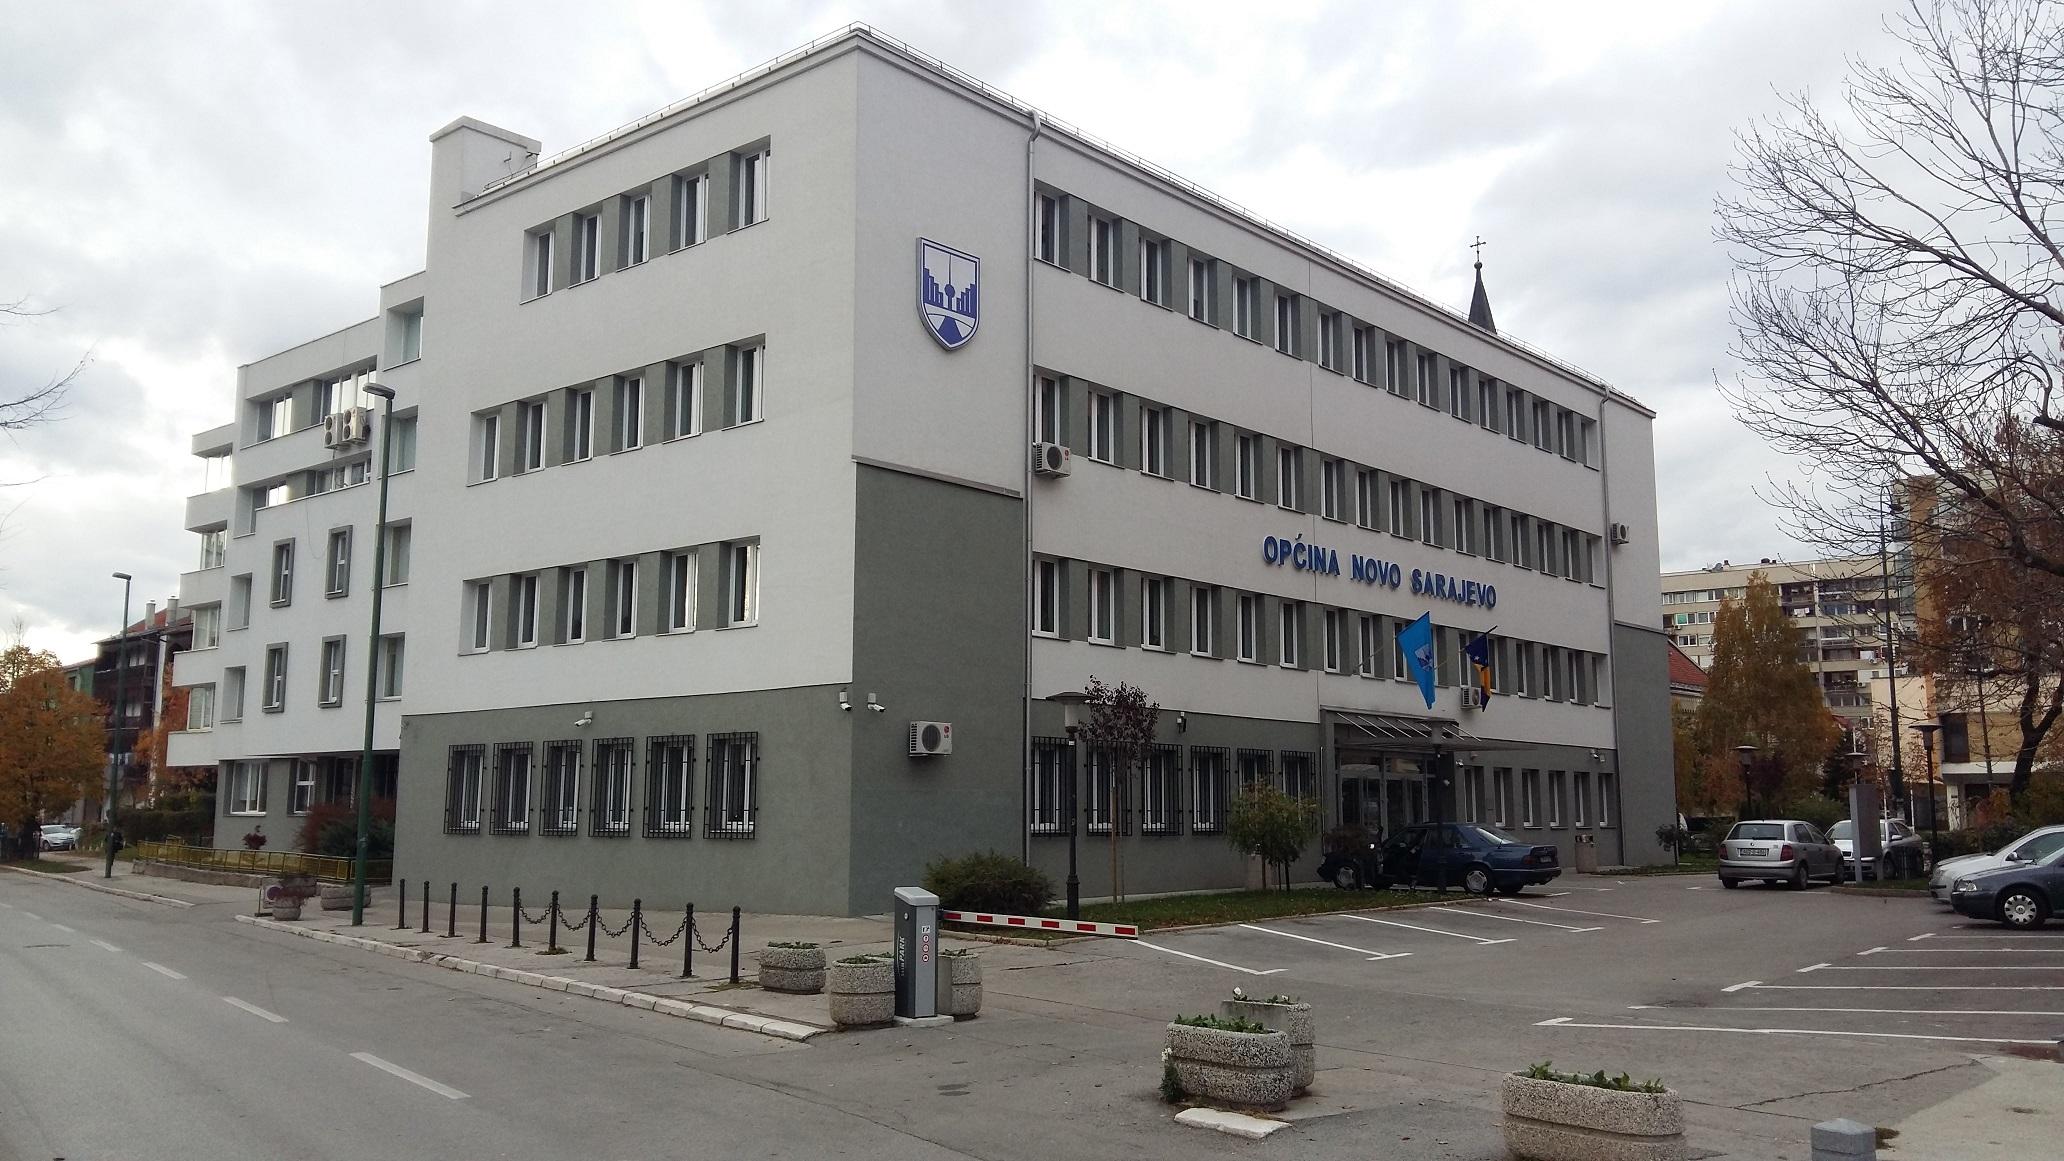 Održana Konstituirajuća sjednica Općinskog vijeća Novo Sarajevo: Prva sjednica, pa protivstatutarna odluka